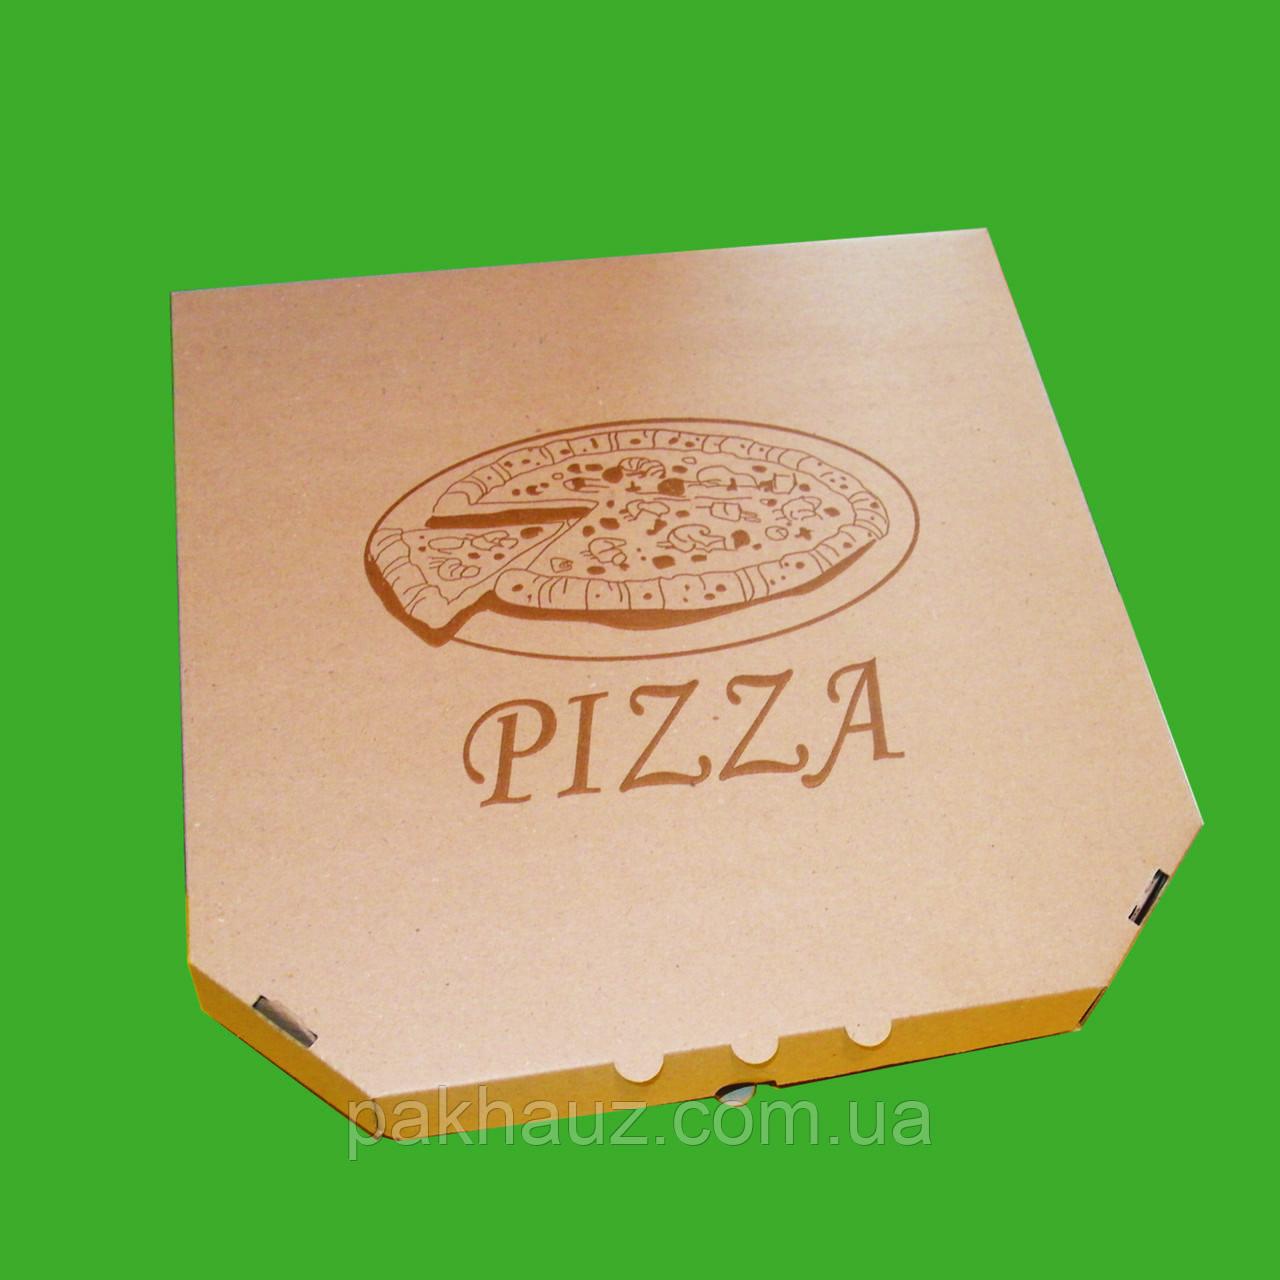 Коробка для пиццы диаметром 40 см